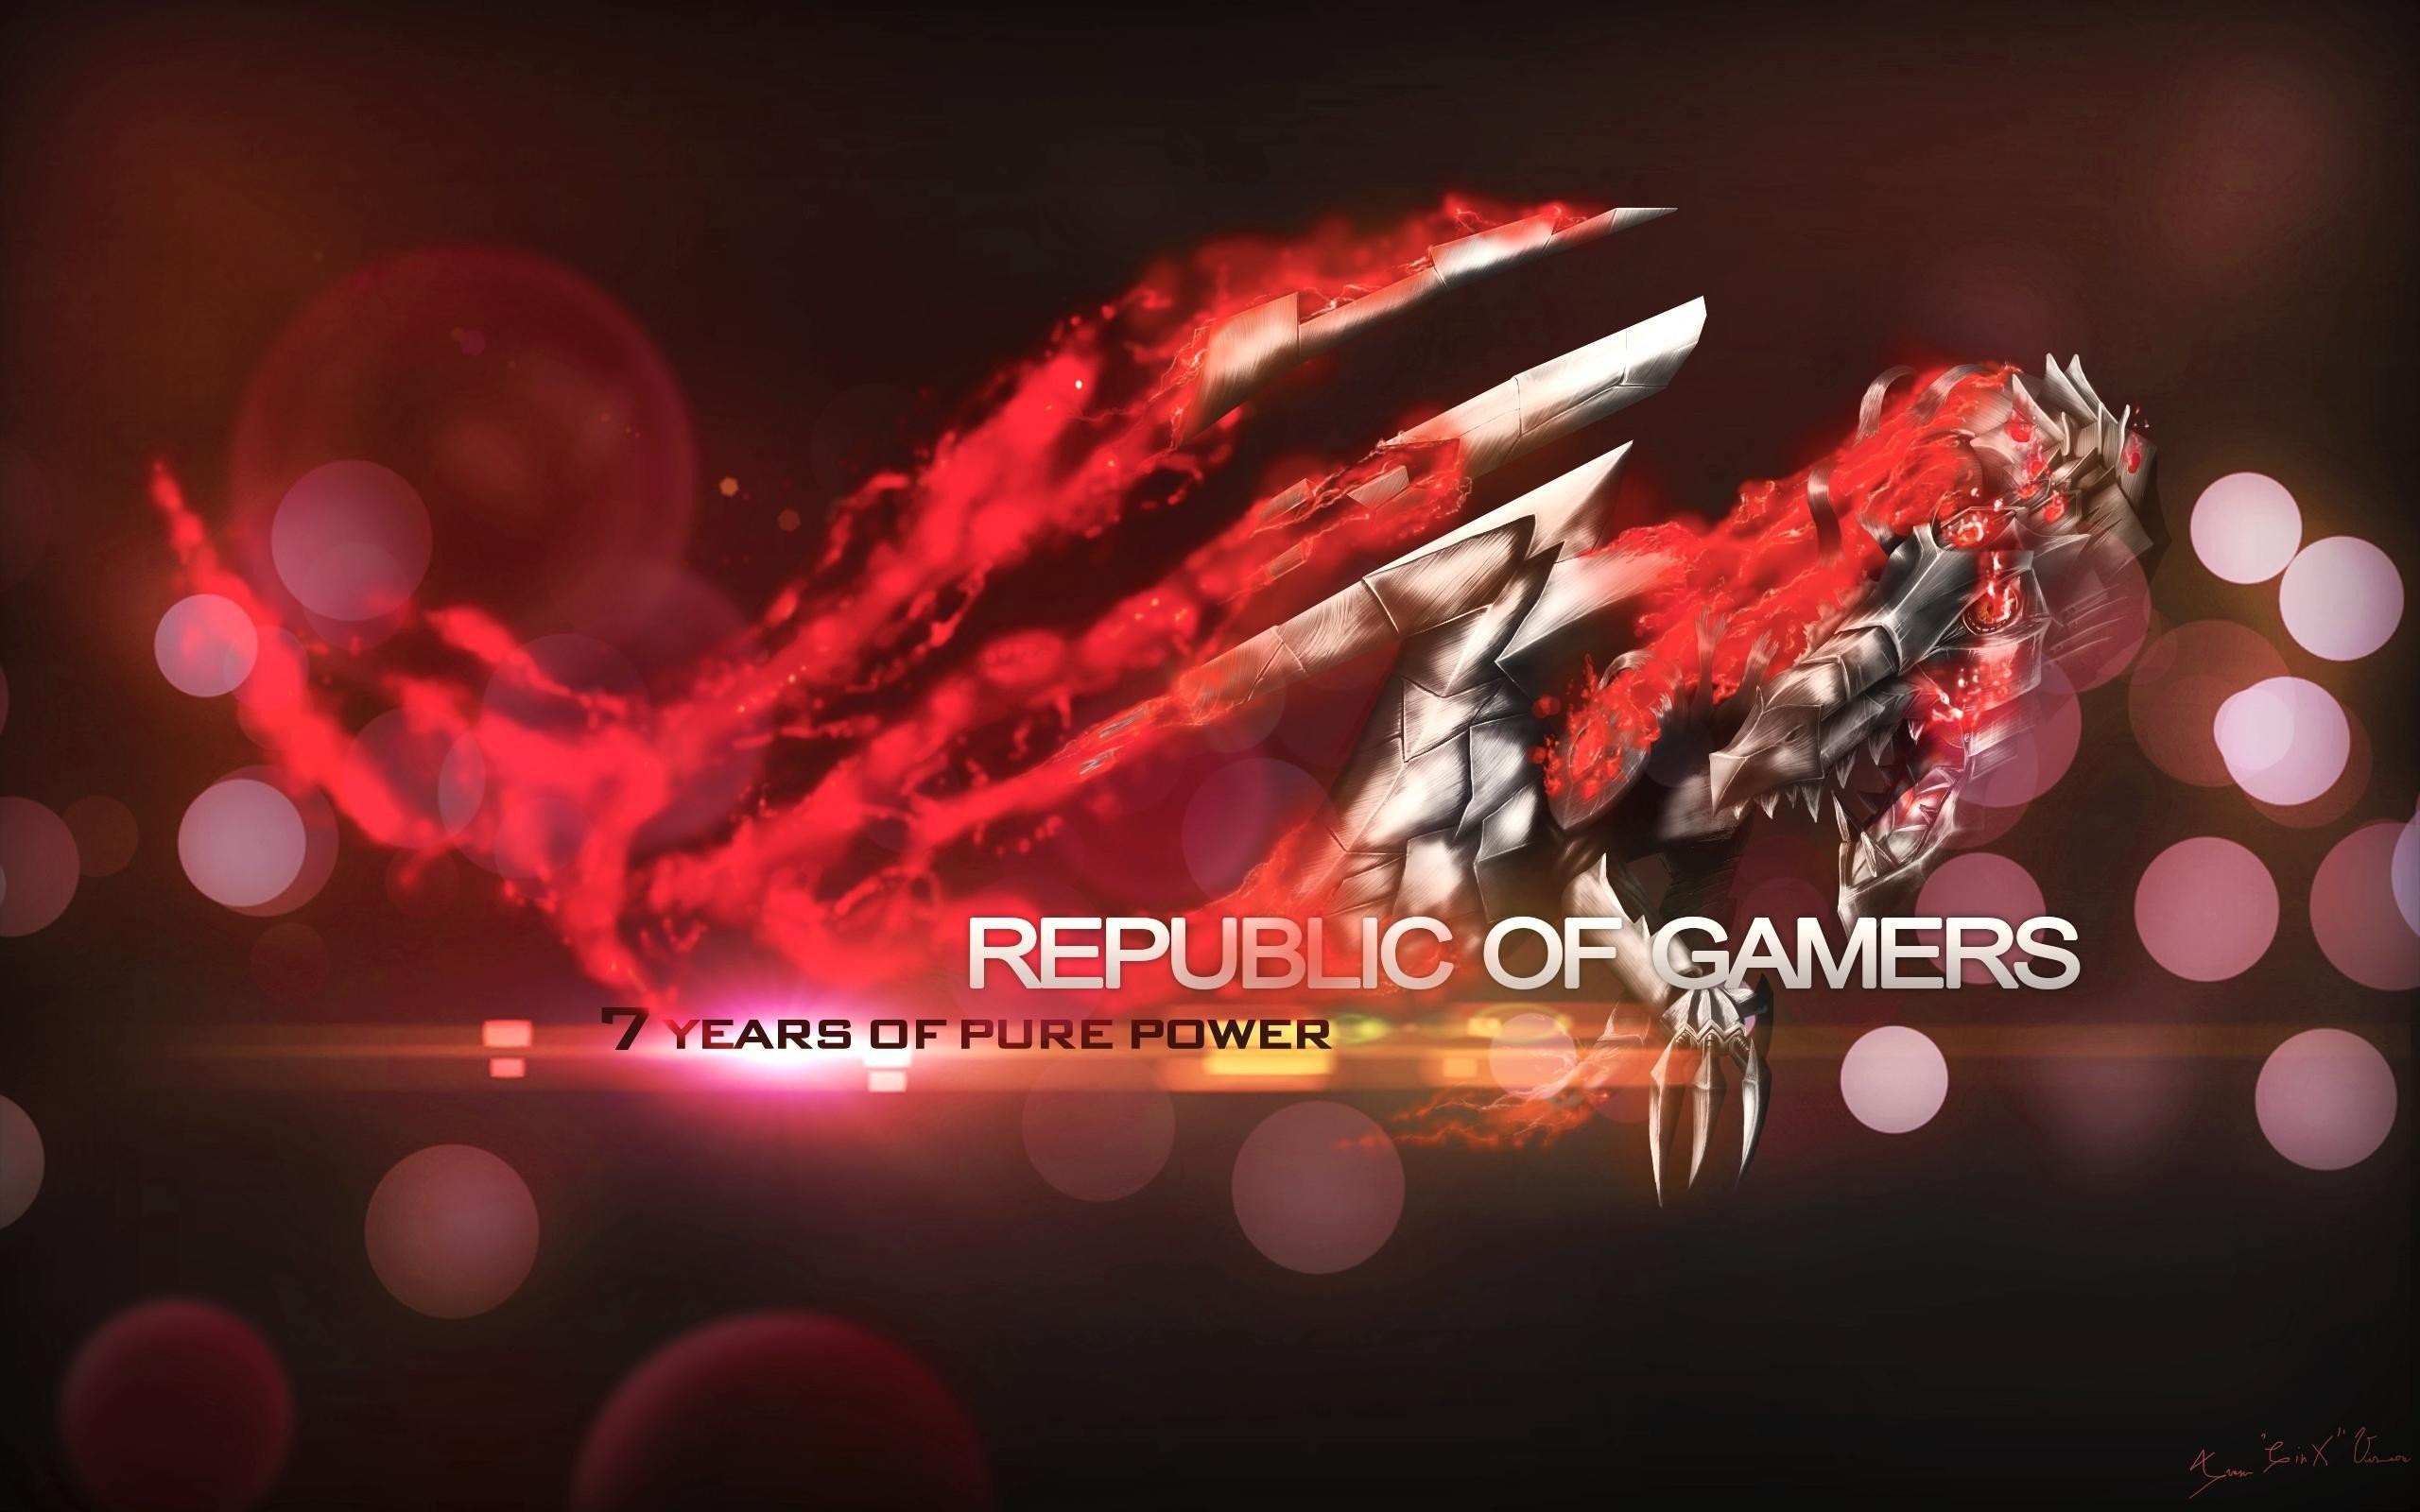 Rog Republic Of Gamers ASUS 113100